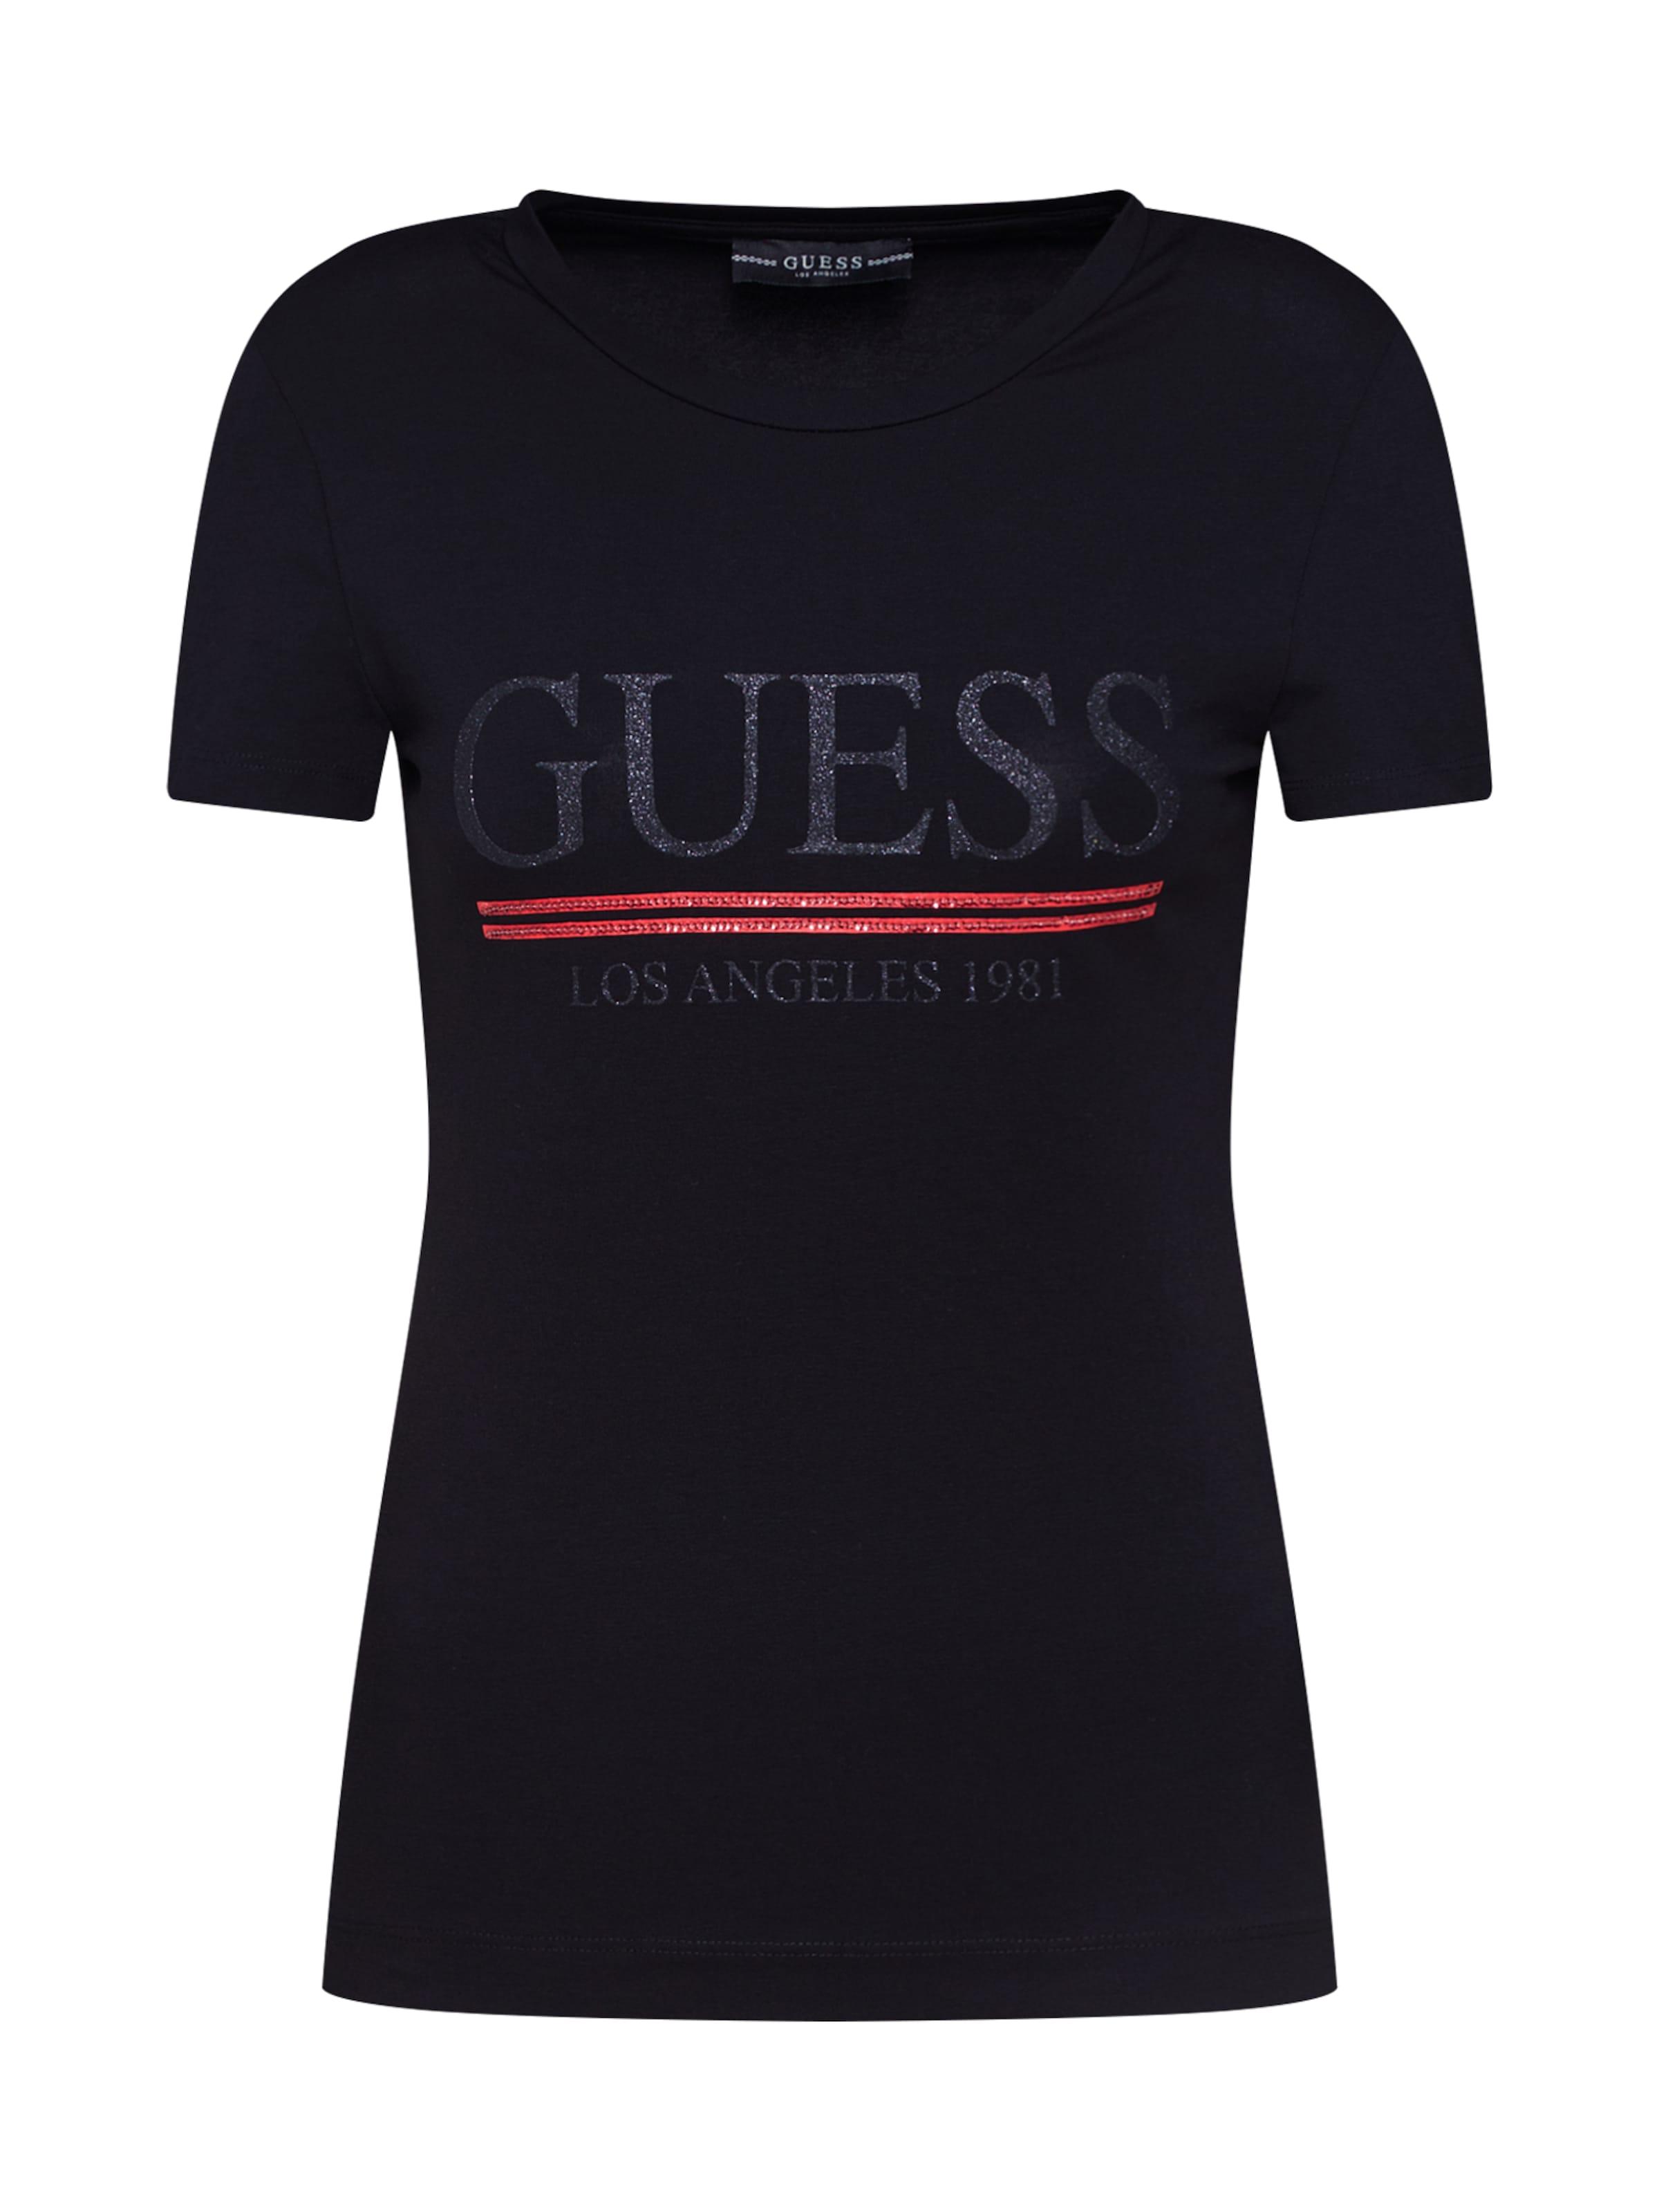 Guess Noir T En Guess shirt Noir shirt Guess T En myYf6gIb7v